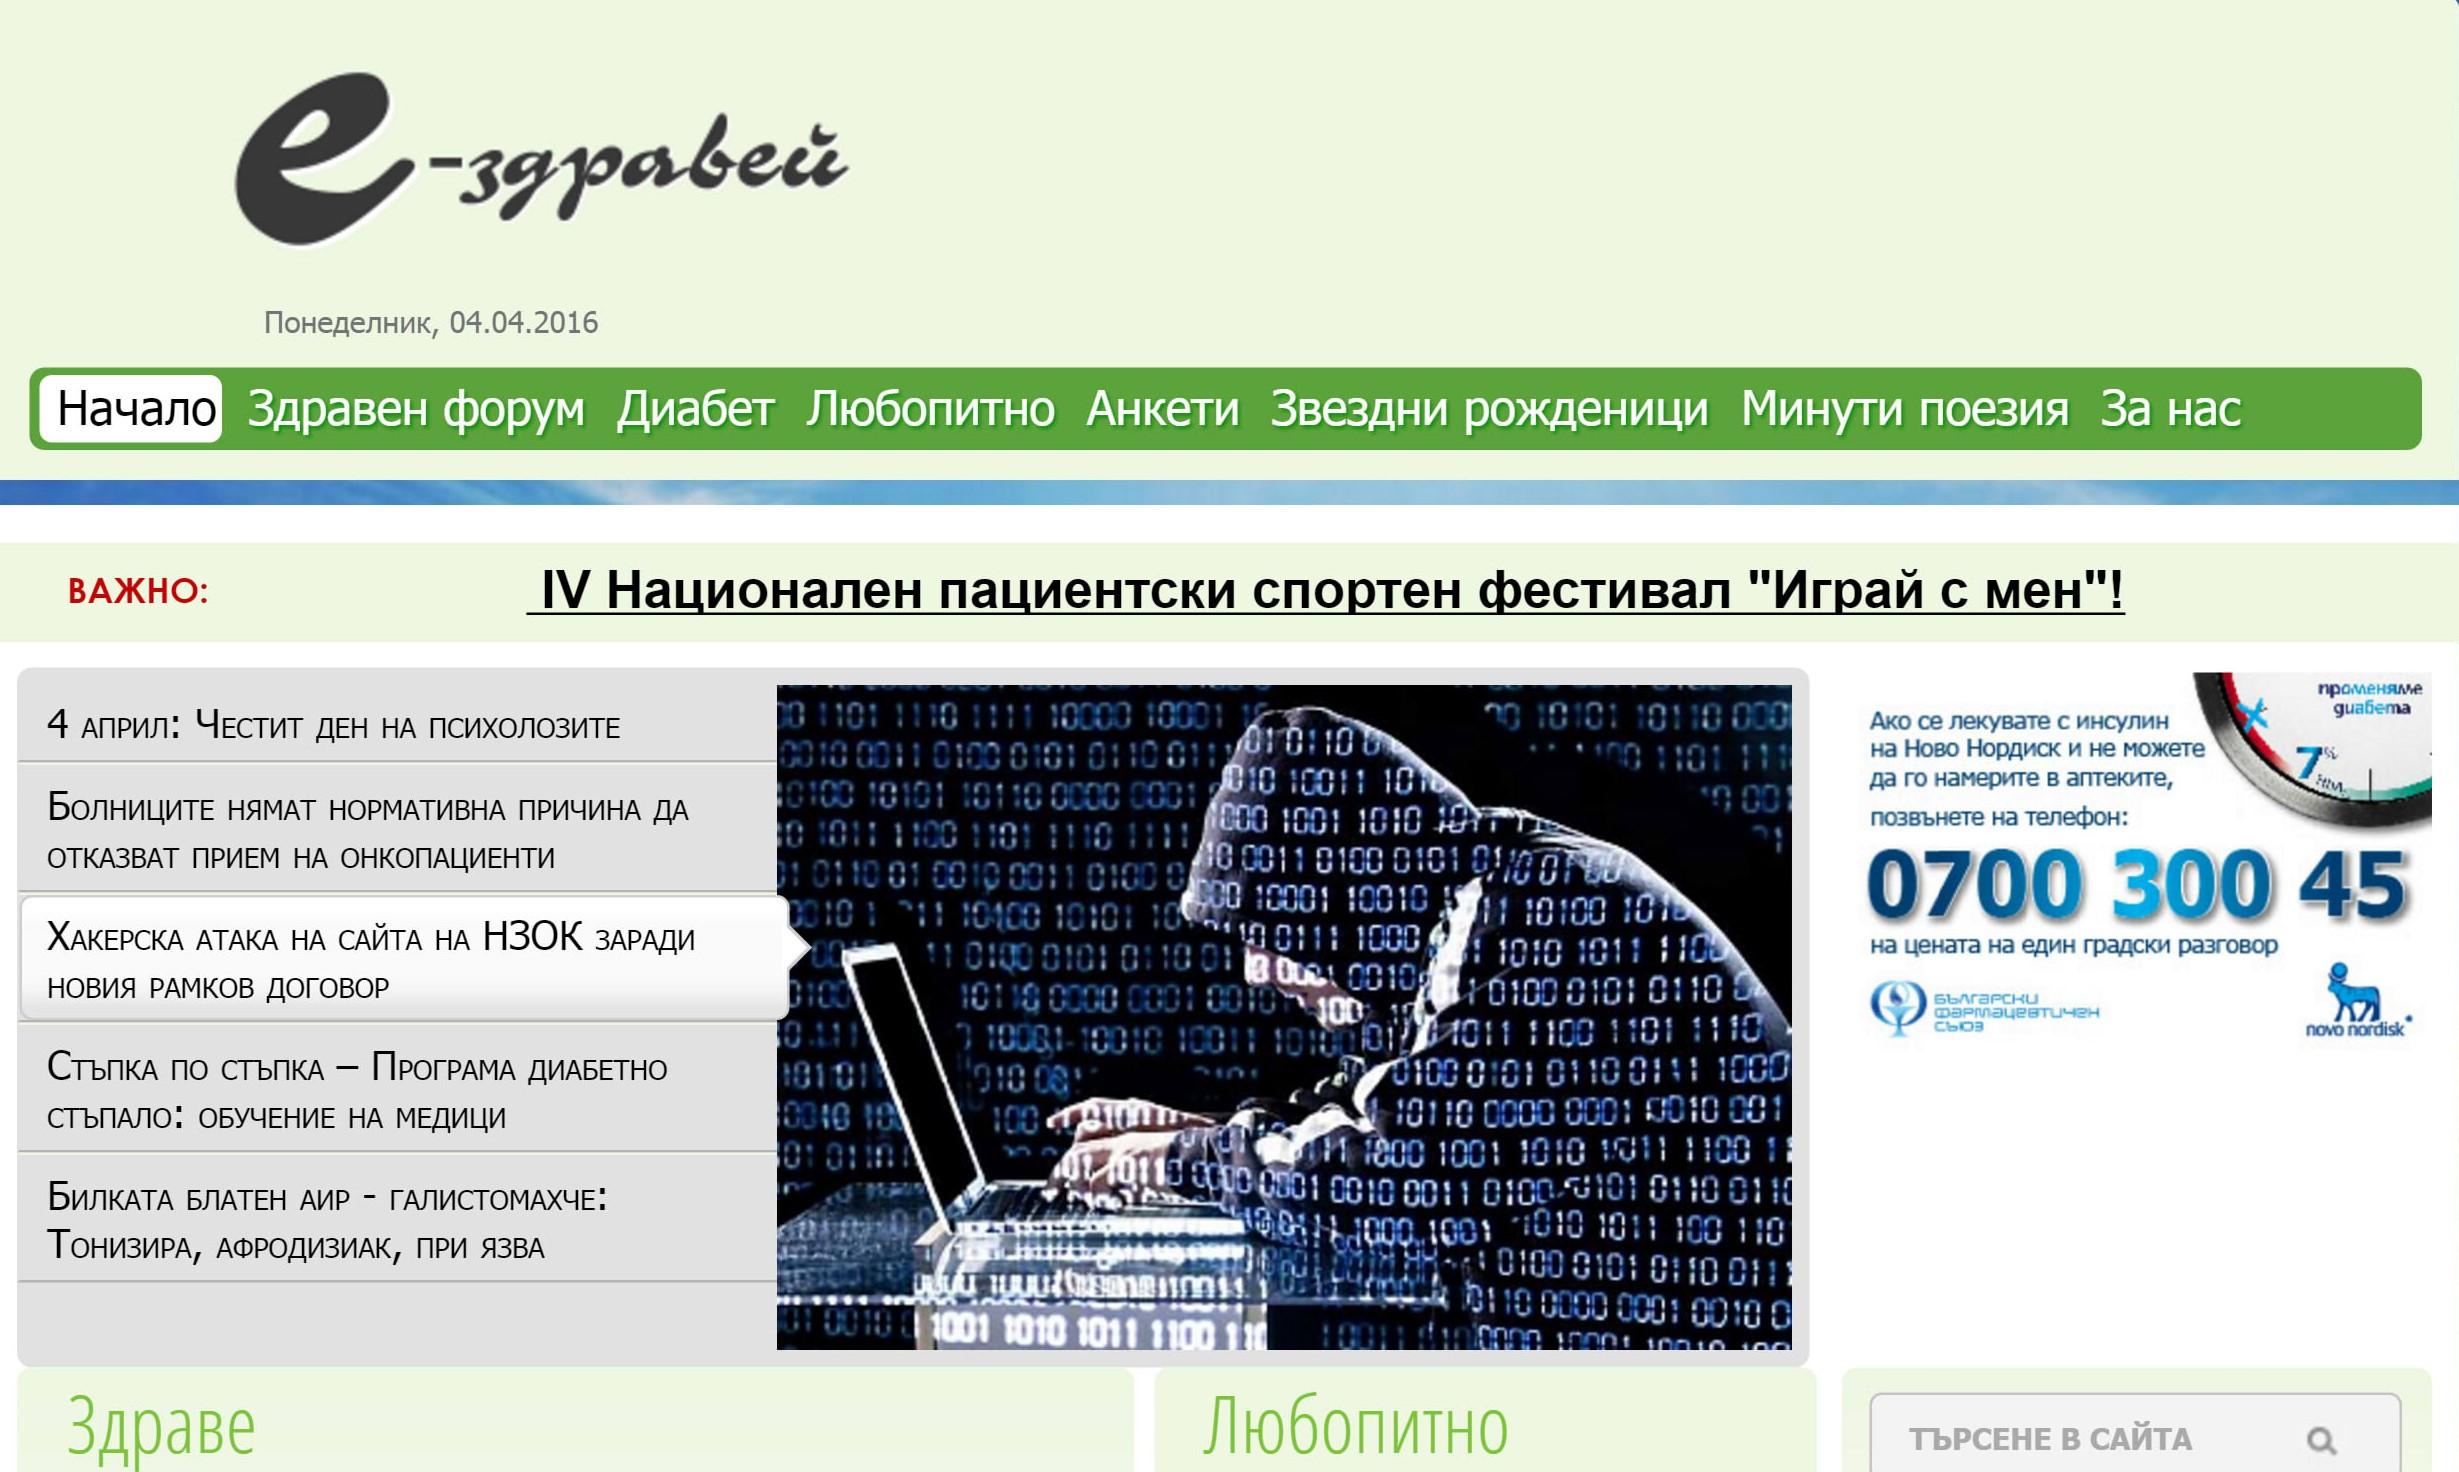 Информационен портал Здравен форум Е-здравеЙ